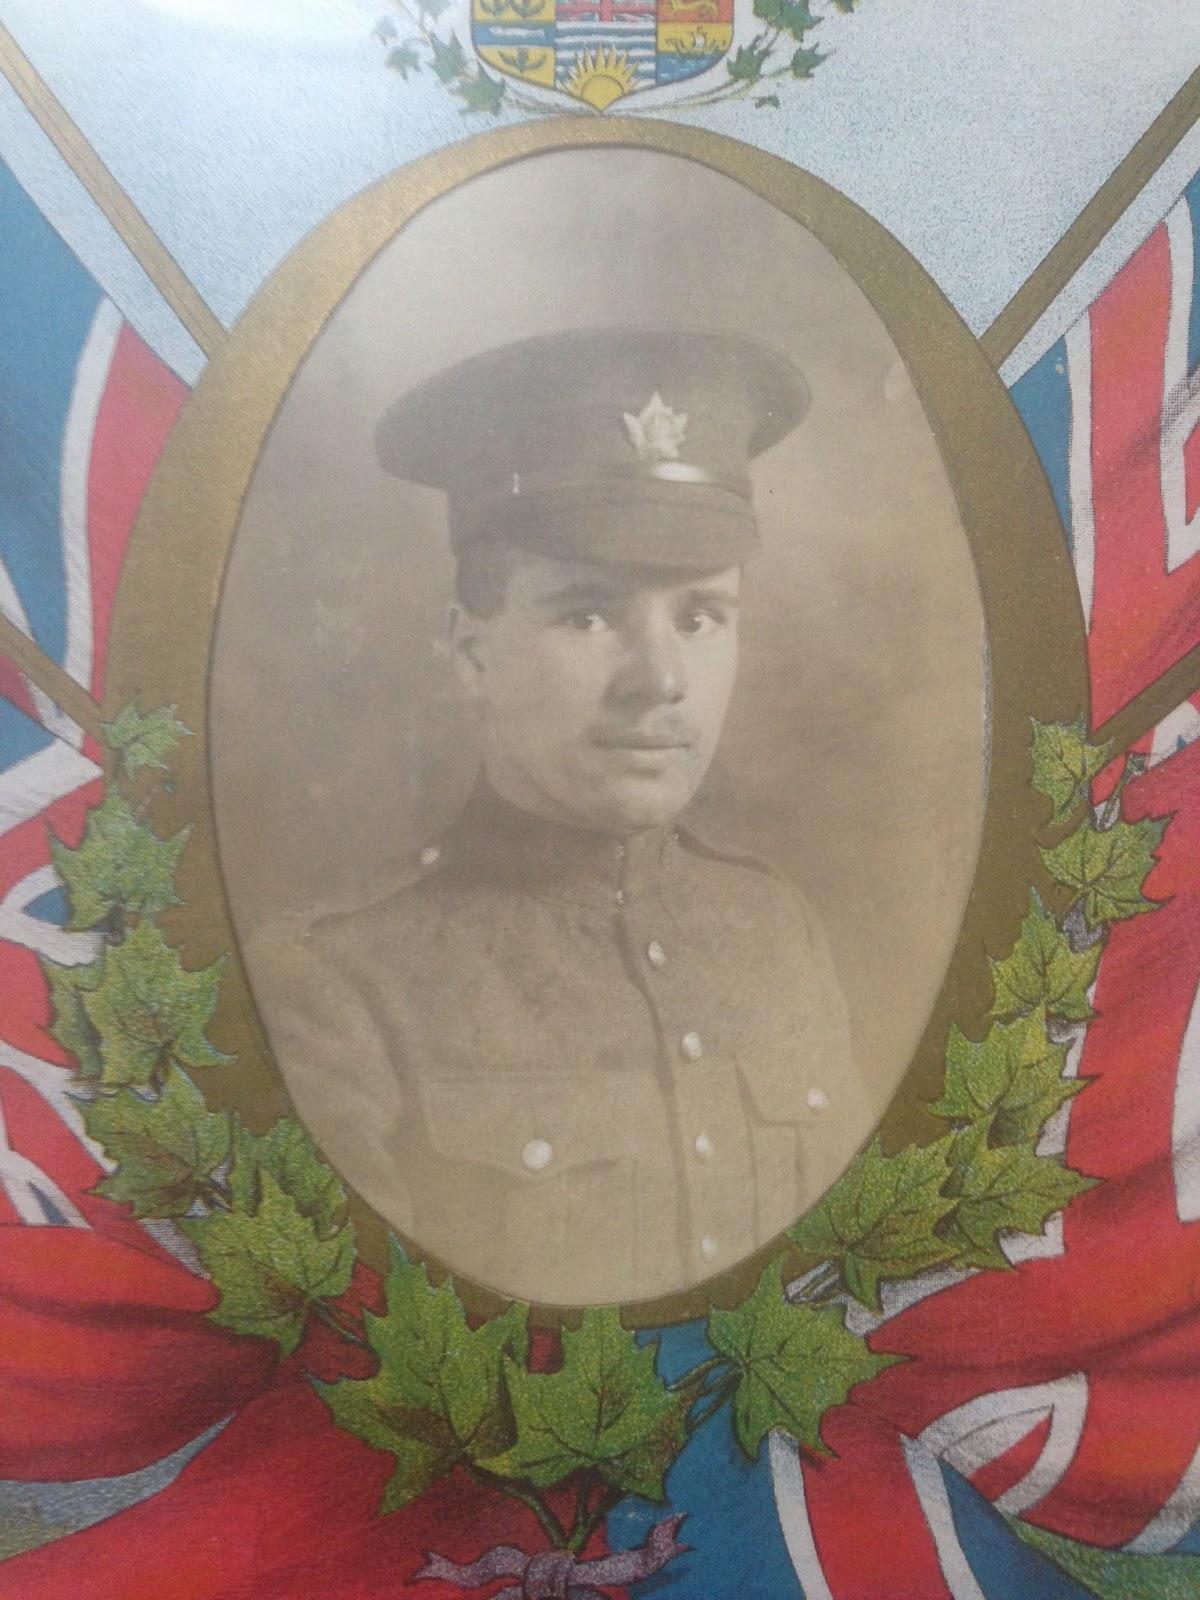 Remembering WW1 Soldier W. J. P. Bullock